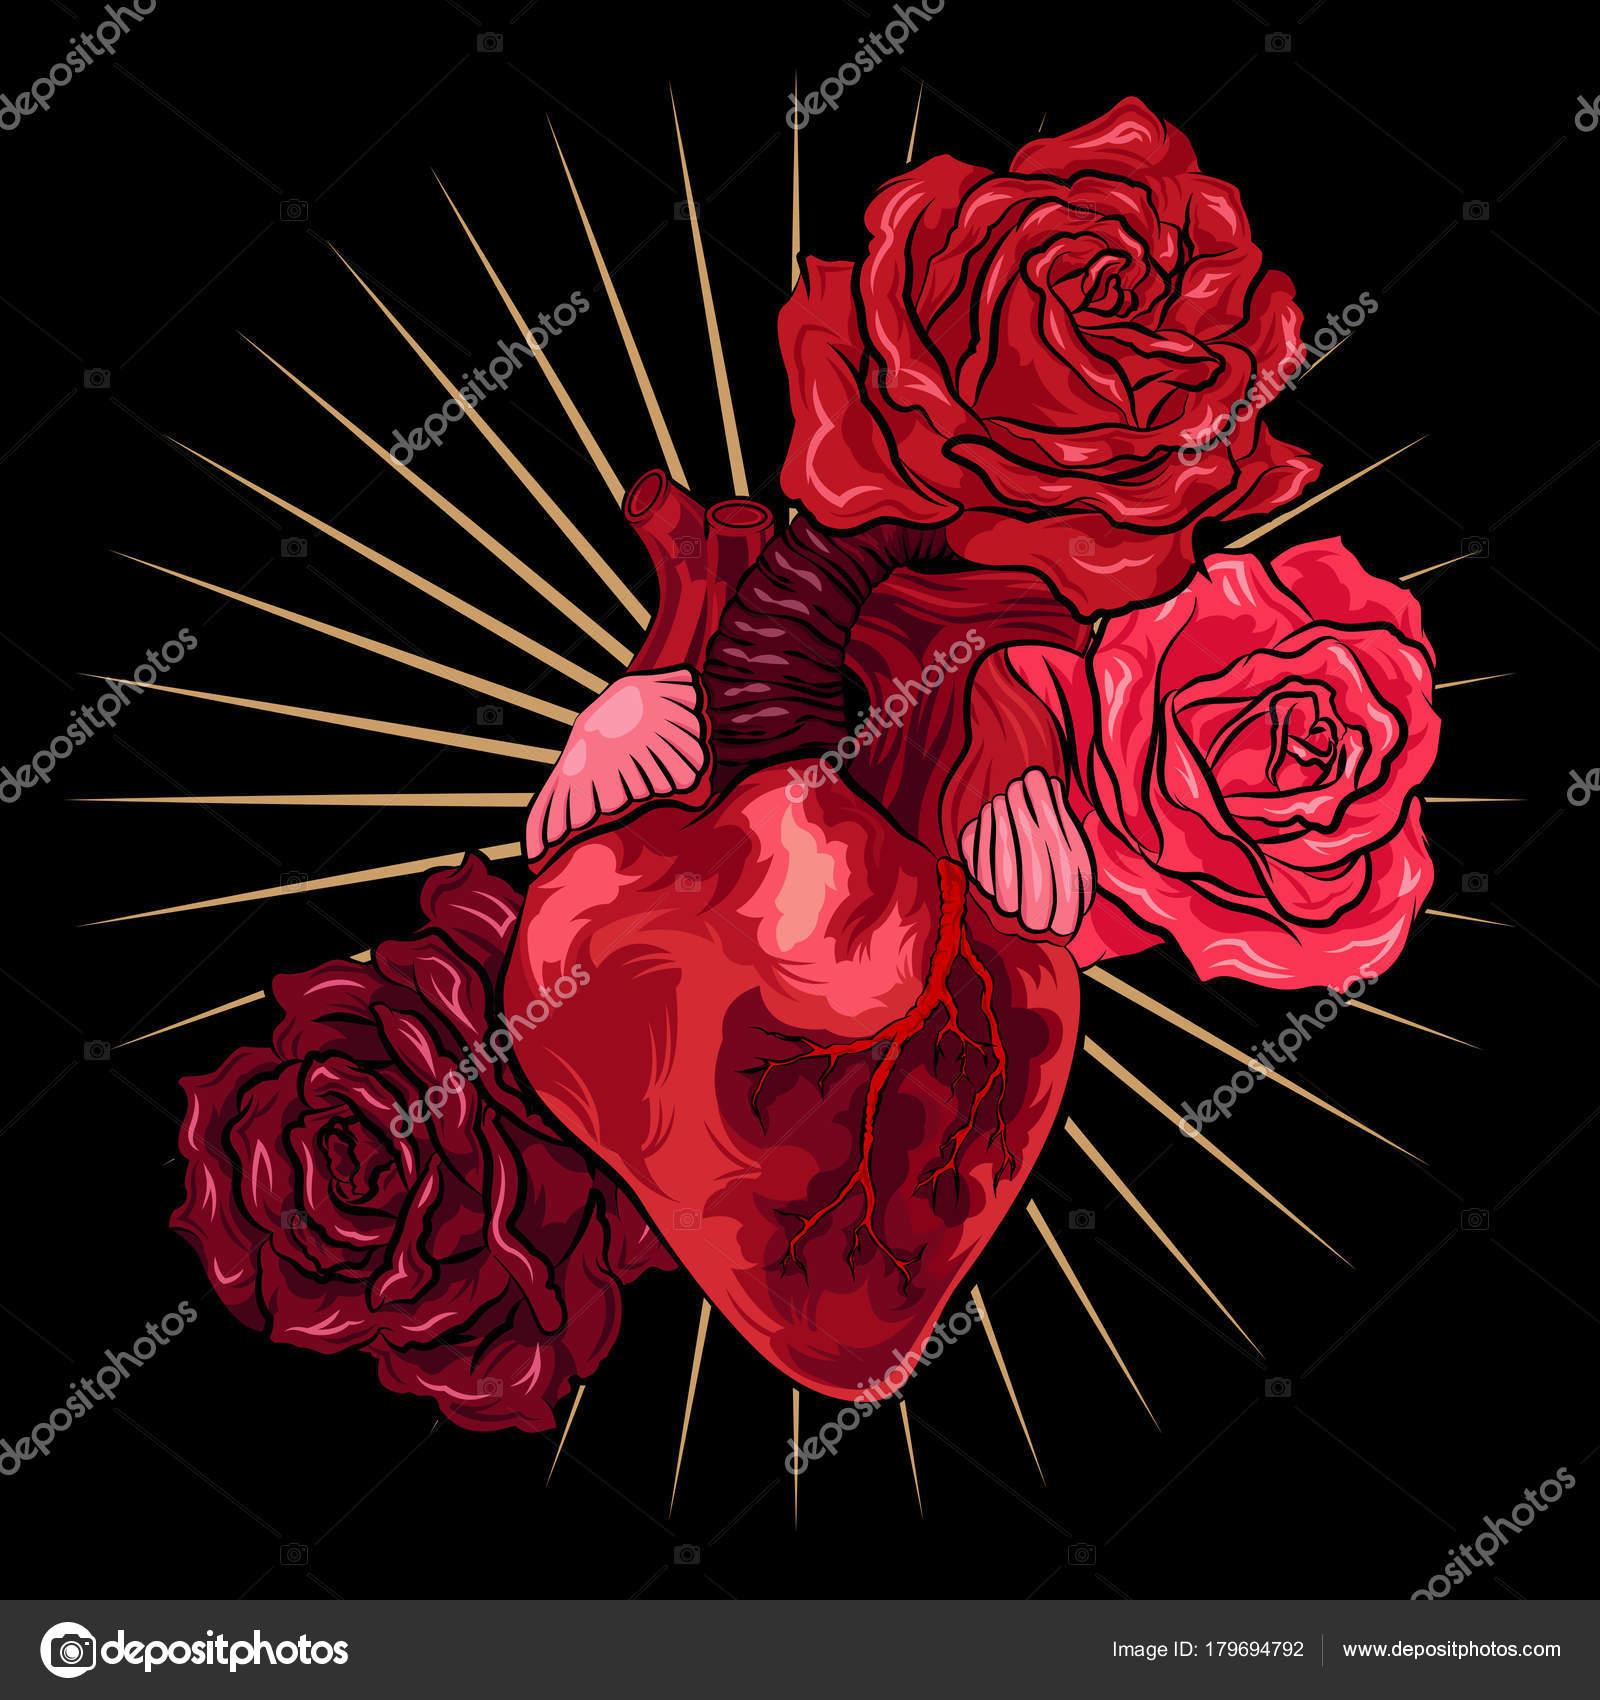 Vettore Sfondi Neri Con Rosa Cuore Umano Con Rose Rosse Su Sfondo